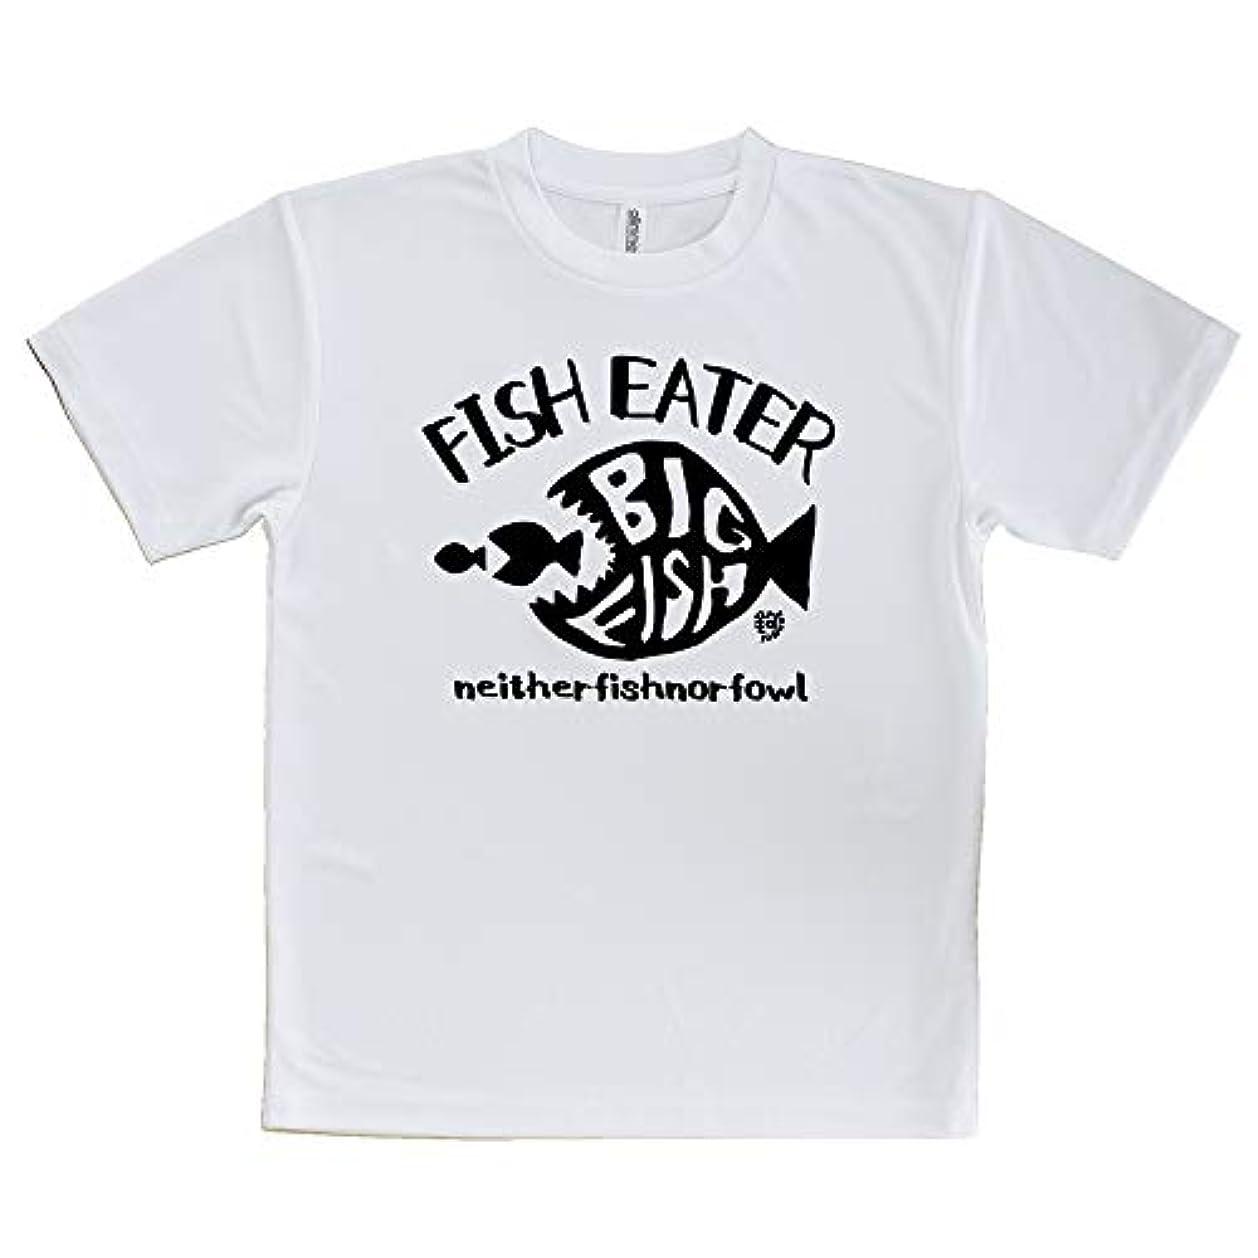 レガシーコウモリインストラクターAnglersLife Tシャツ 釣りざんまい フィッシュイーター United Athle(ユナイテッドアスレ) ホワイト 白 ポリエステル100% 4.1oz UTF30